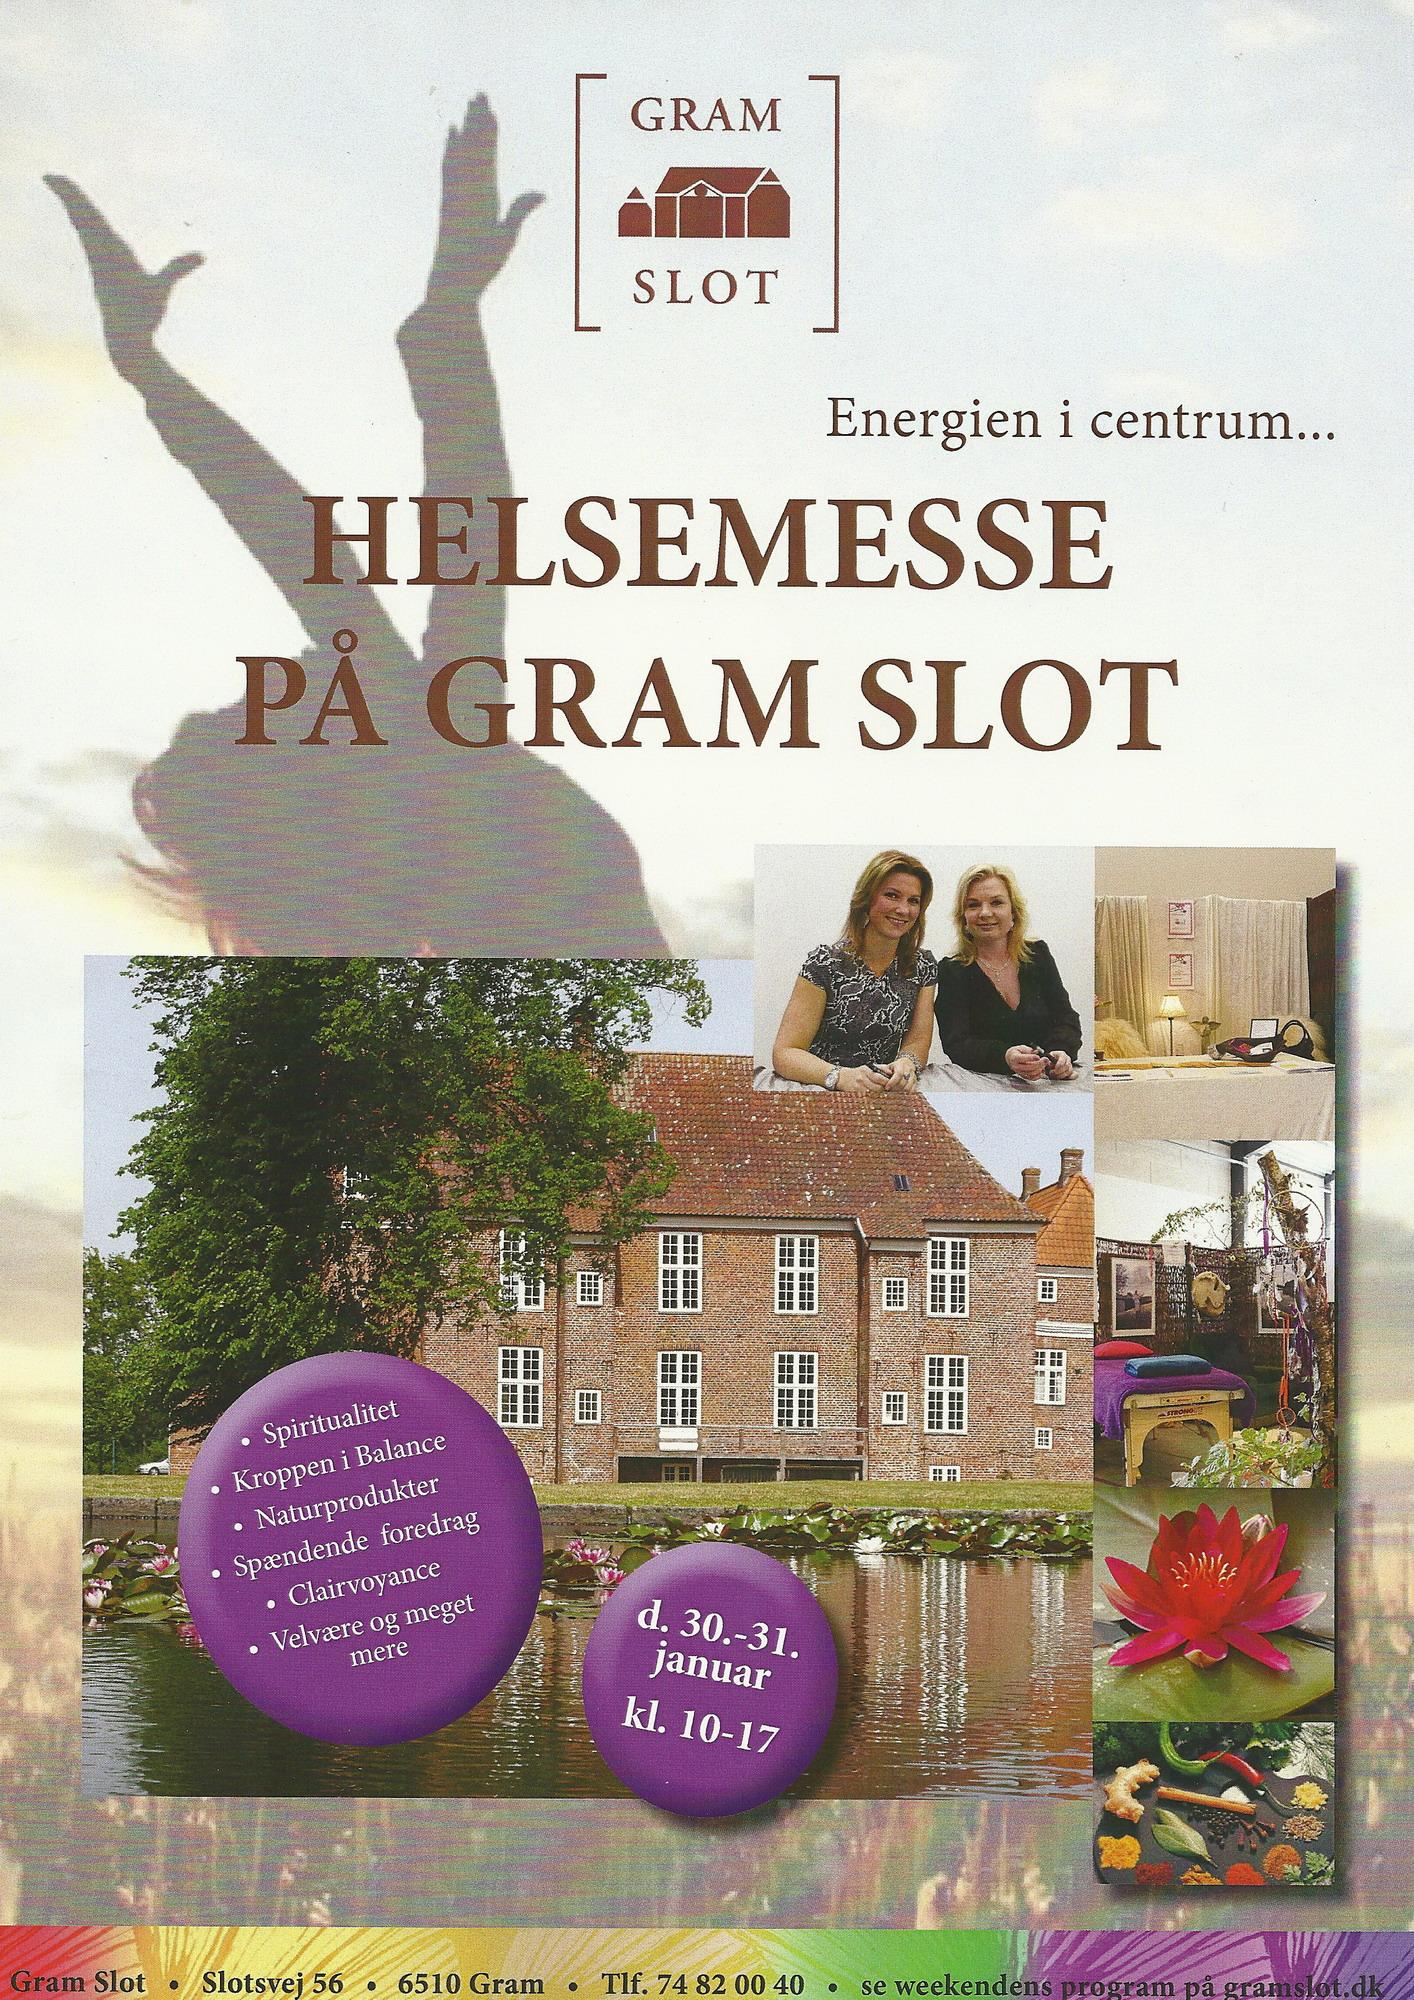 Helsemesse Gram Slot 2016